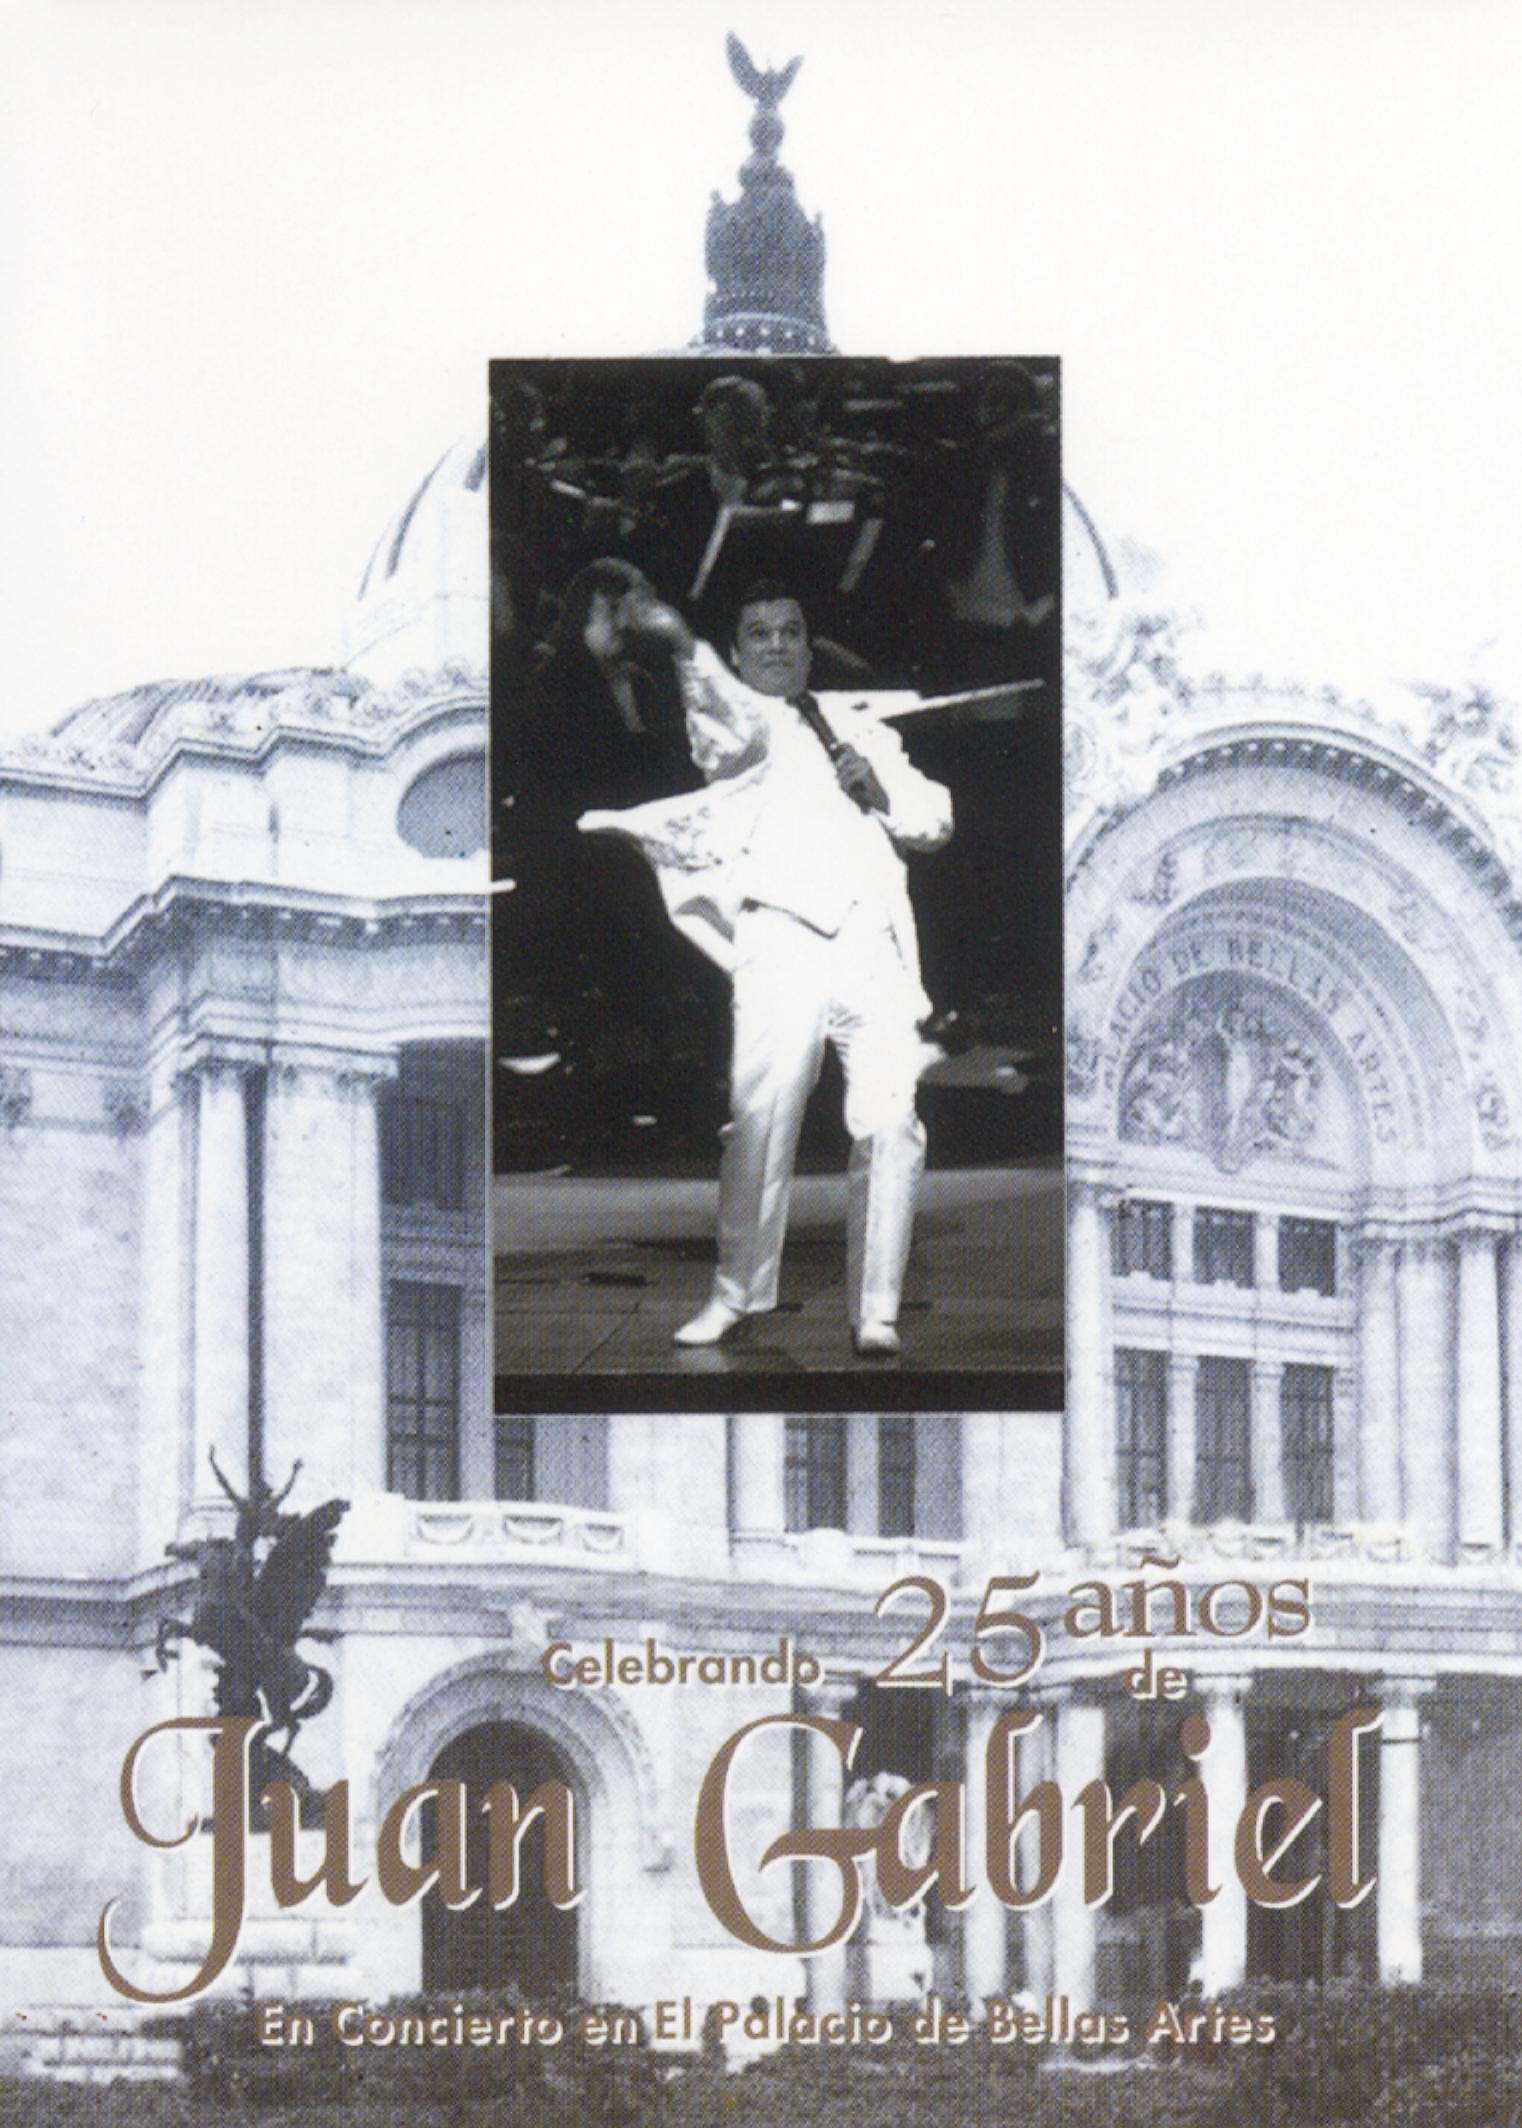 Juan Gabriel: Celebrando 25 anõs de Juan Gabriel - en Concierto en El Palacio de Bellas Aries